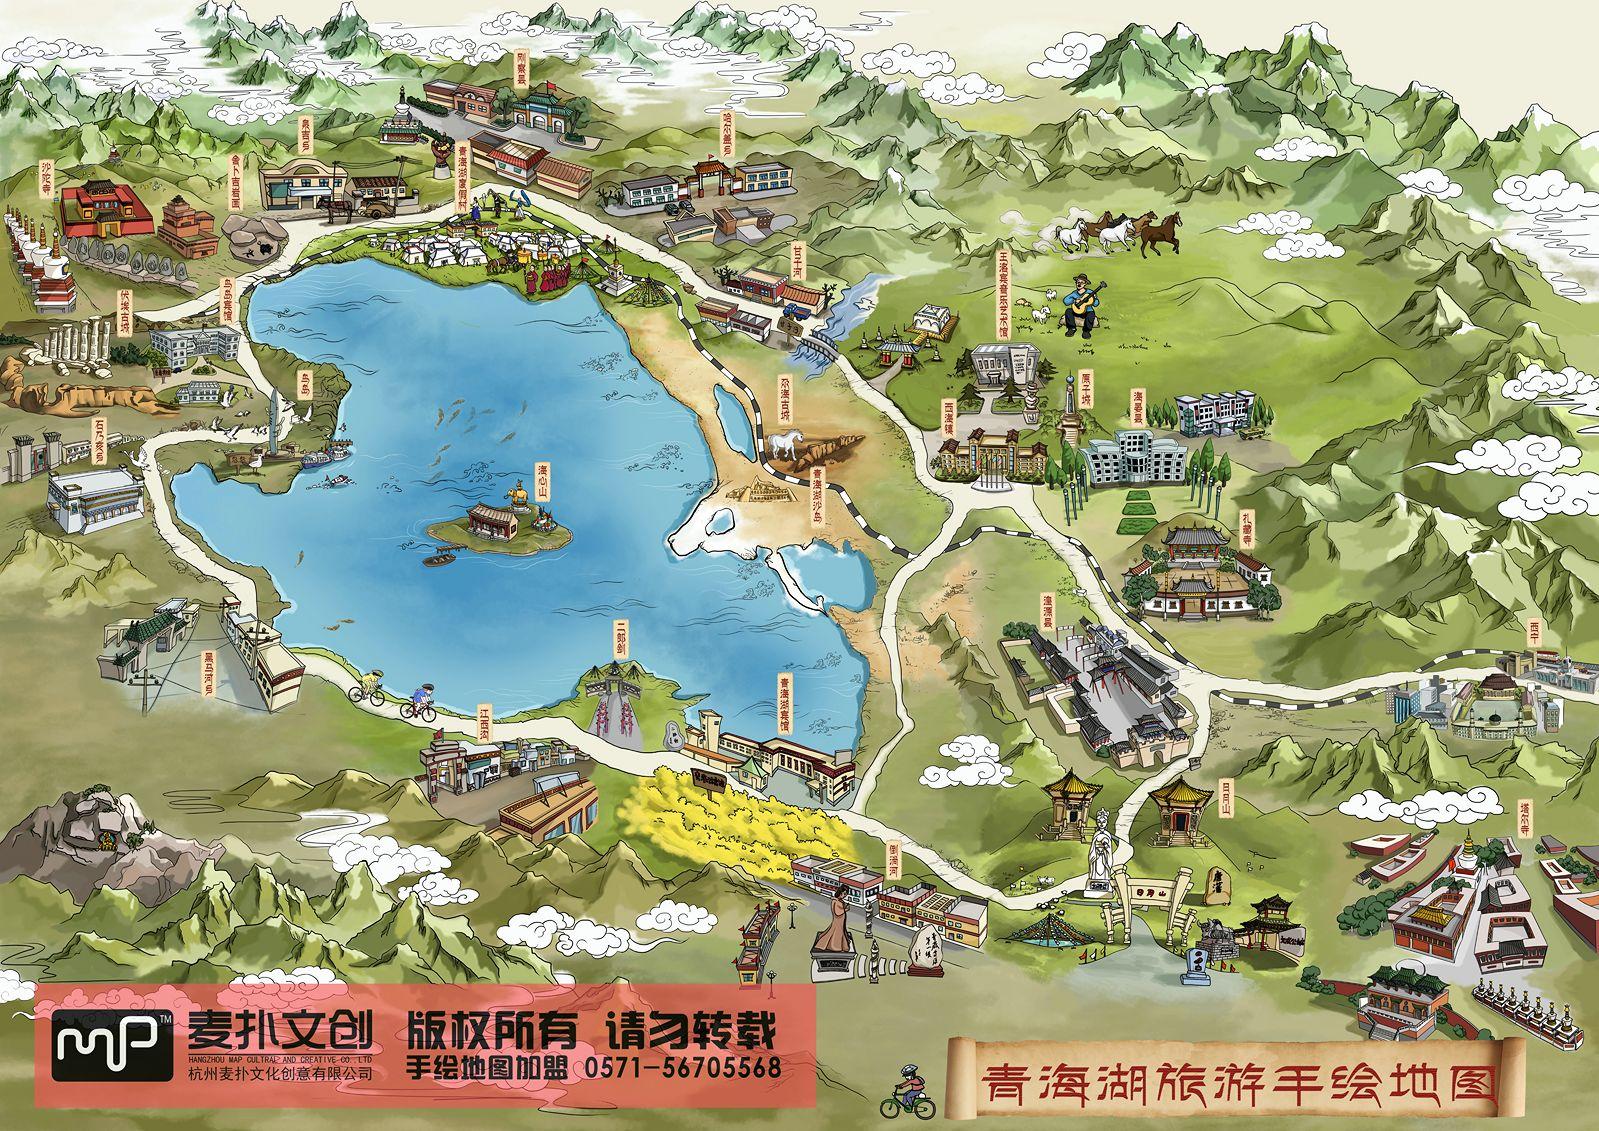 麦扑手绘地图产品图片